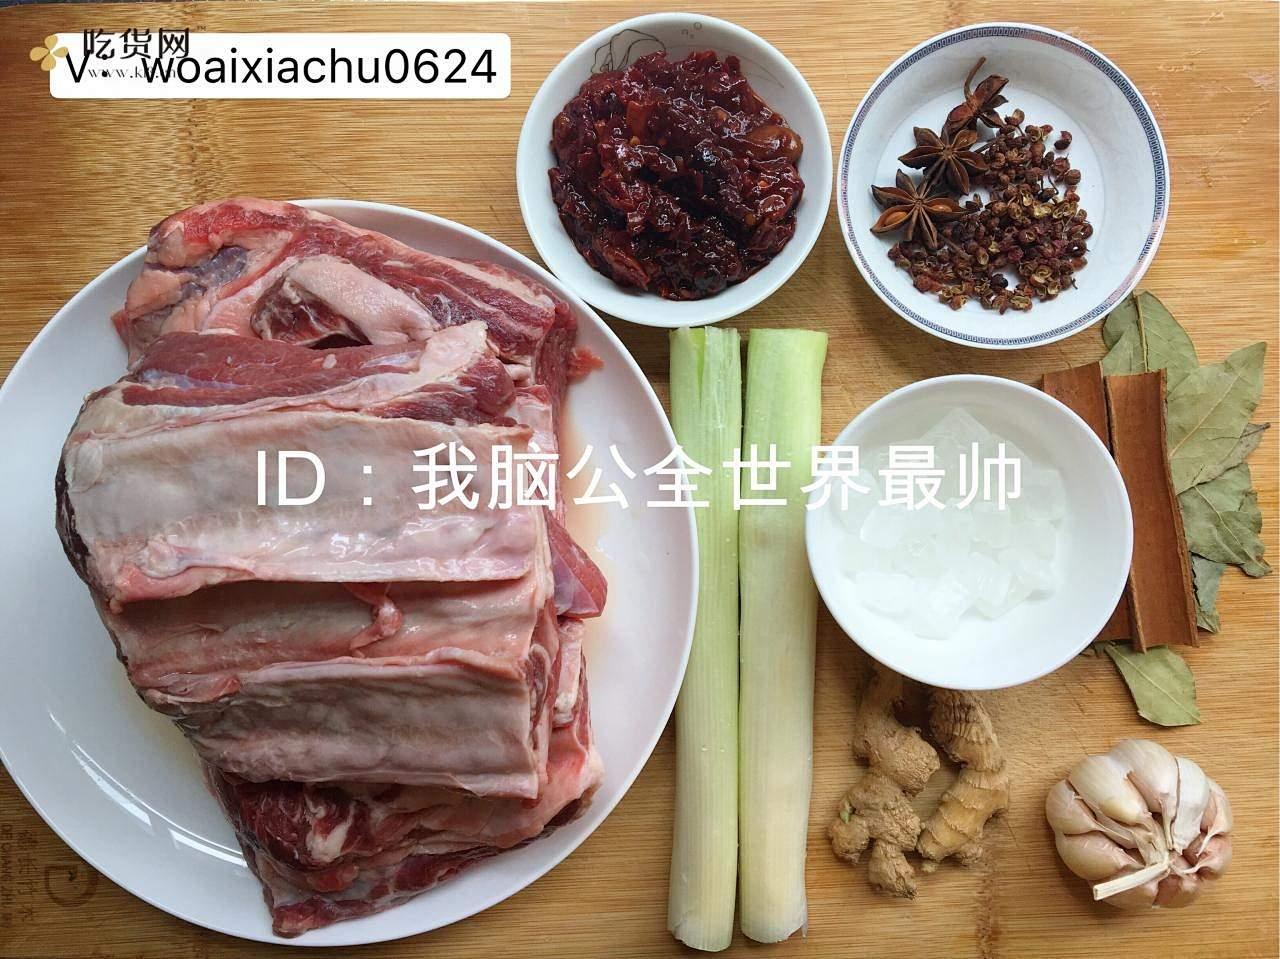 超级无敌好吃的红烧牛肉的做法 步骤1